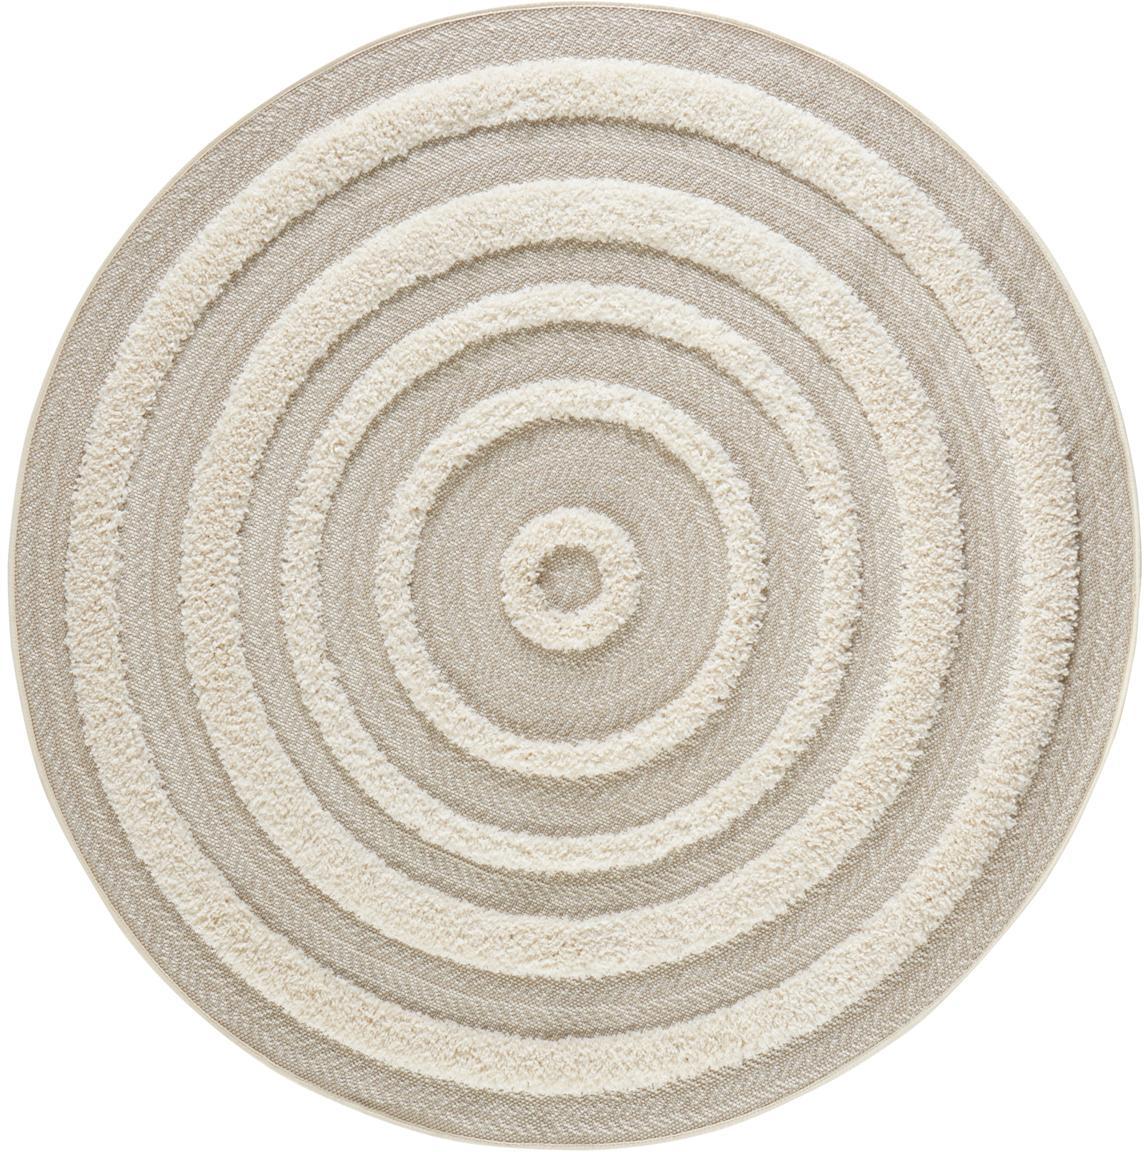 Runder In- & Outdoor-Teppich Nador mit Hoch-Tief-Effekt, Beige, Cremefarben, Ø 160 cm (Größe L)